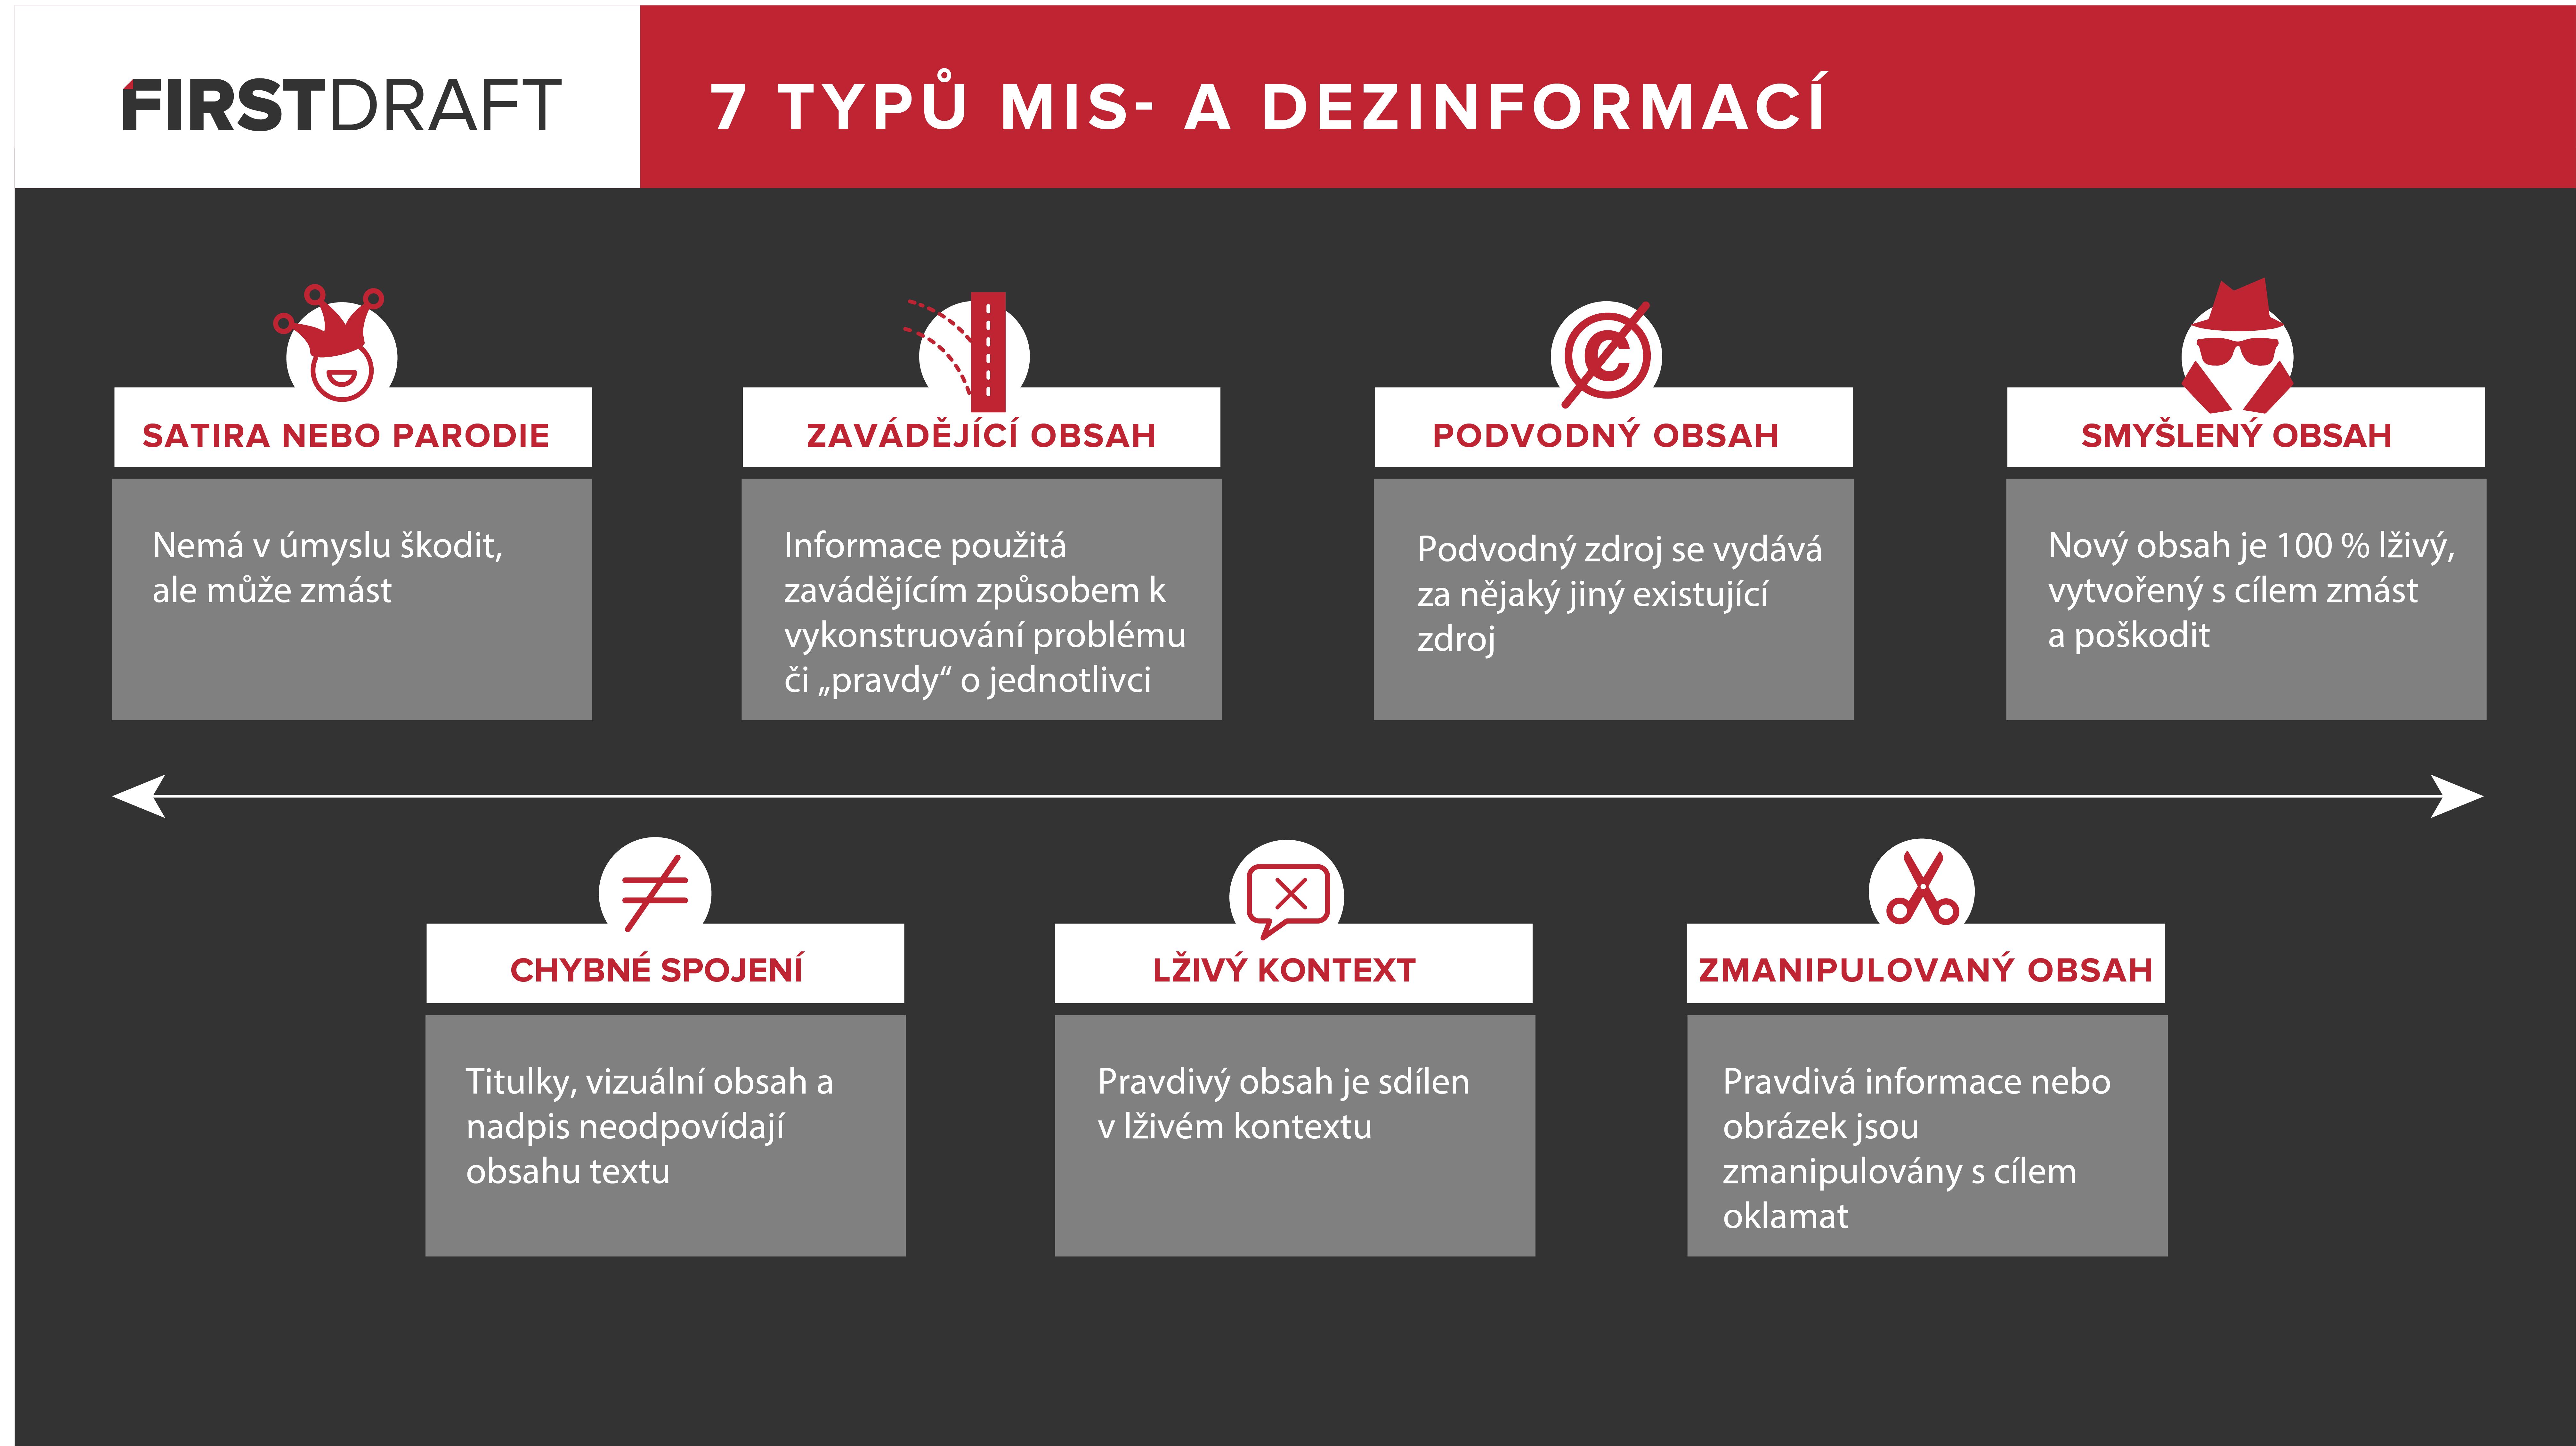 fact-checking - typy dezinormací - obrázek ze článku